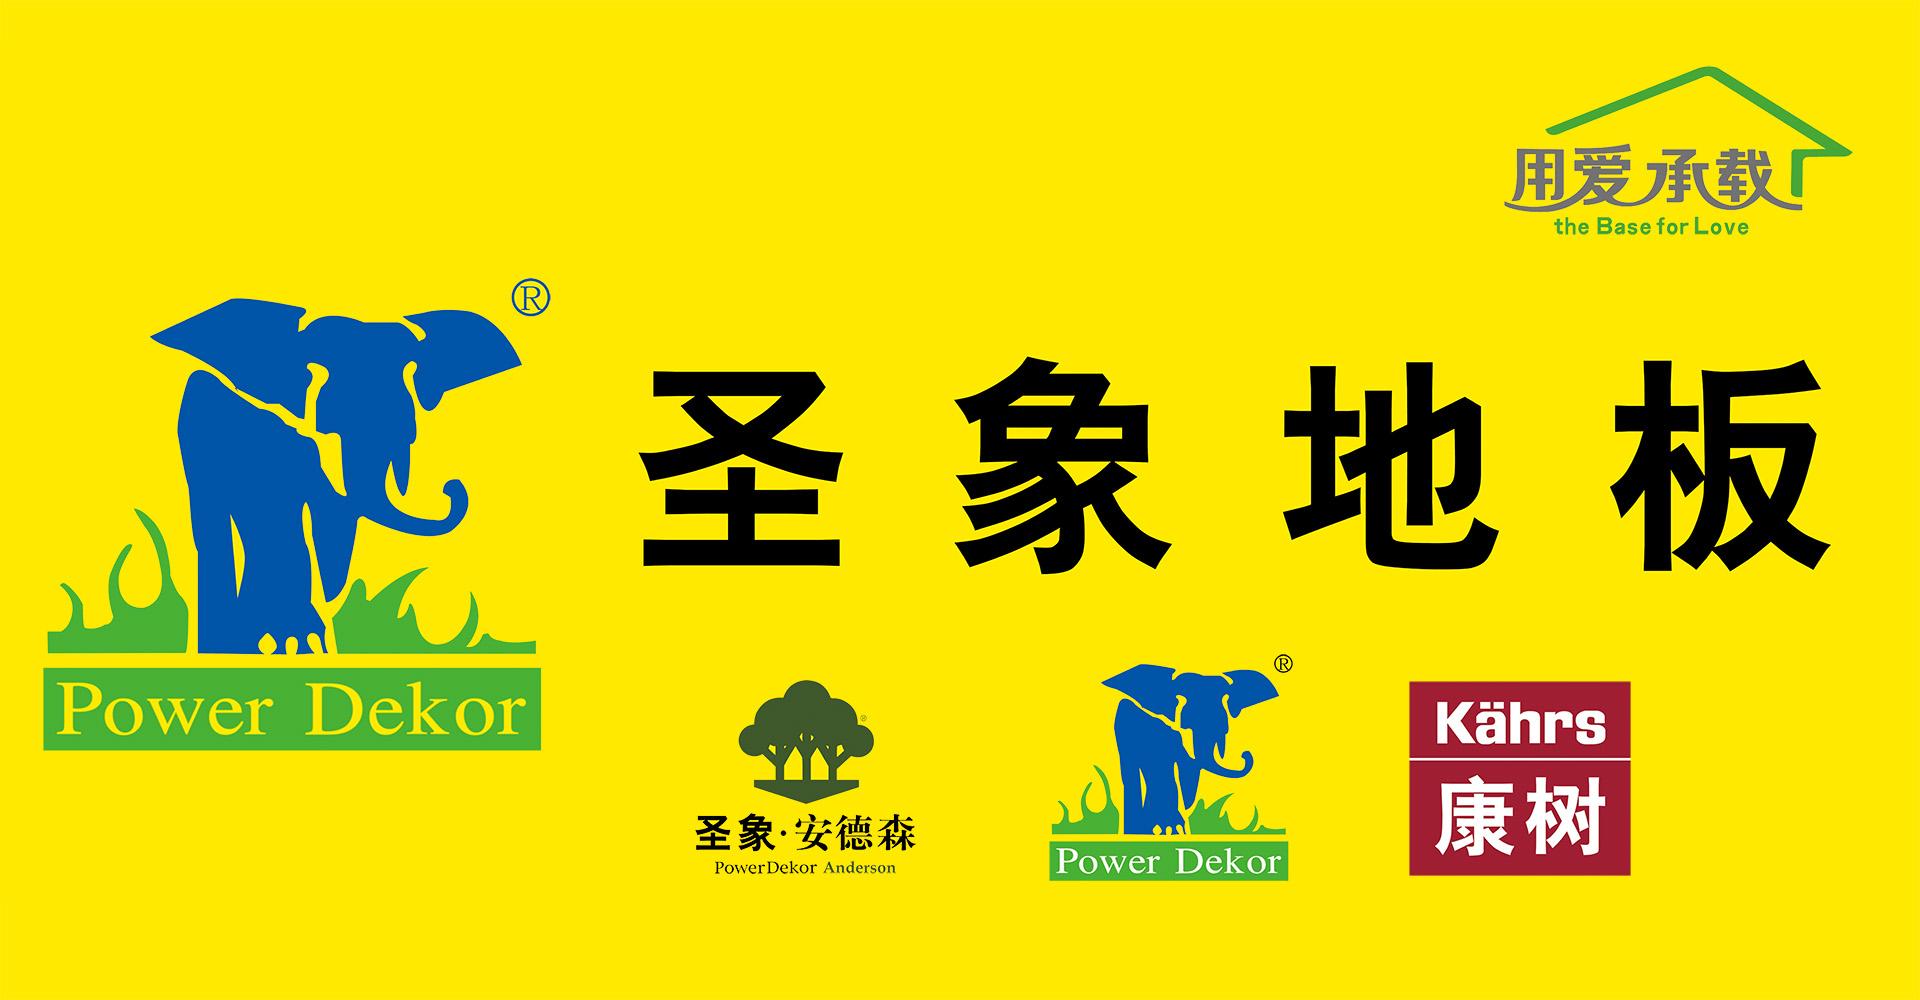 高安市圣象地板,圣象集团成立于1995年,总部位于上海,是国内强化地板的鼻祖。20年来圣象从地板领军者,到家居梦想践行者,始终站在行业的前端,并以前瞻的视野、创新的思维和拼搏的精神,不断提升自身优势,创造了前无古人的辉煌成绩,以一个个耀目的第一引领和推动行业的整体发展。 第一家 将强化复合木地板从欧洲引入中国的地板企业。 第一家 逆向OEM的中国地板企业。 第一家 引进国际一流的强化复合木地板生产线。 第一家 以品牌专卖店形式销售地板的中国地板企业。 第一家 通过在央视投放电视广告启动品牌全面塑造的地板